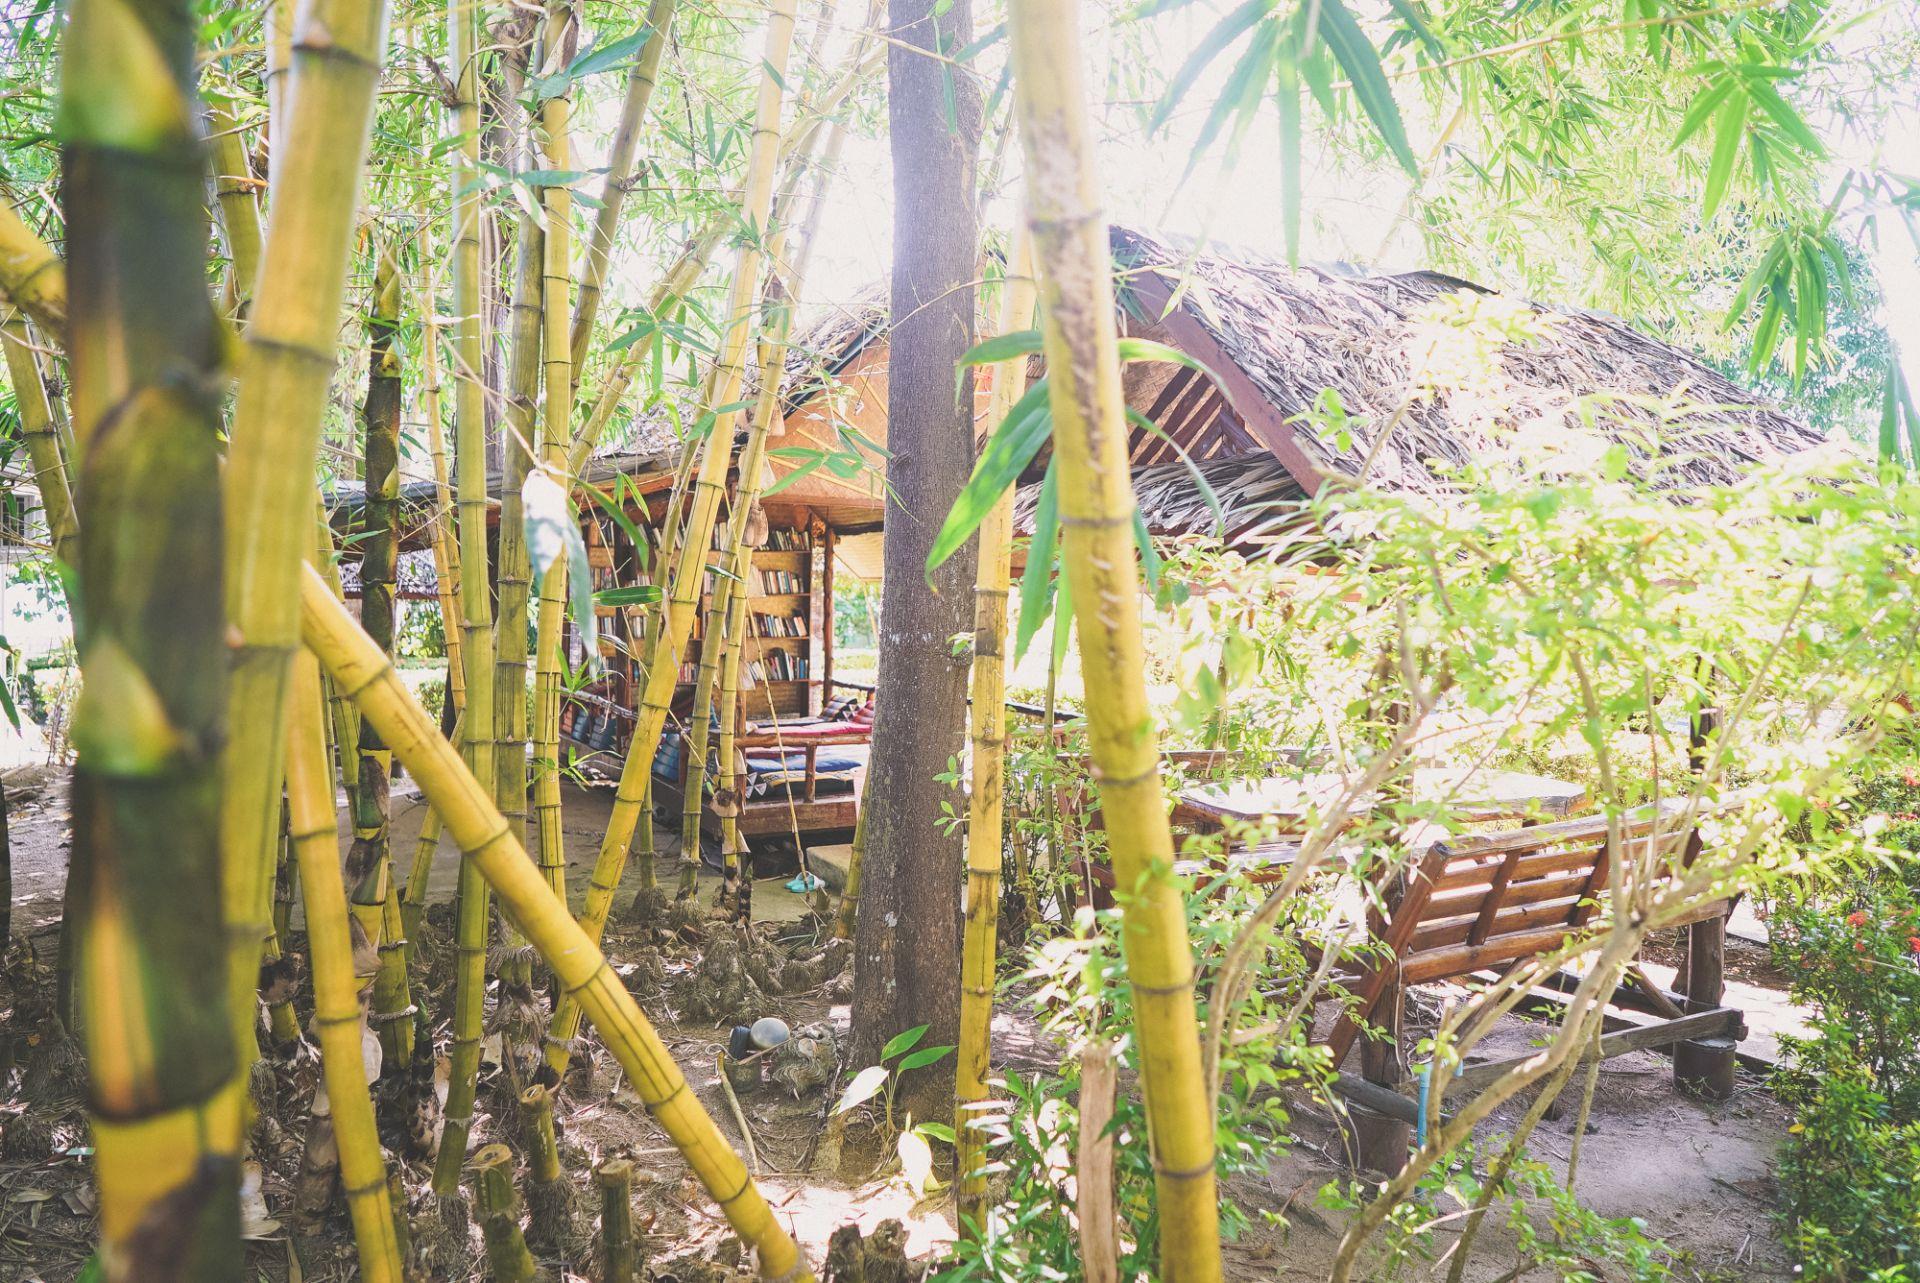 Thailand's nature